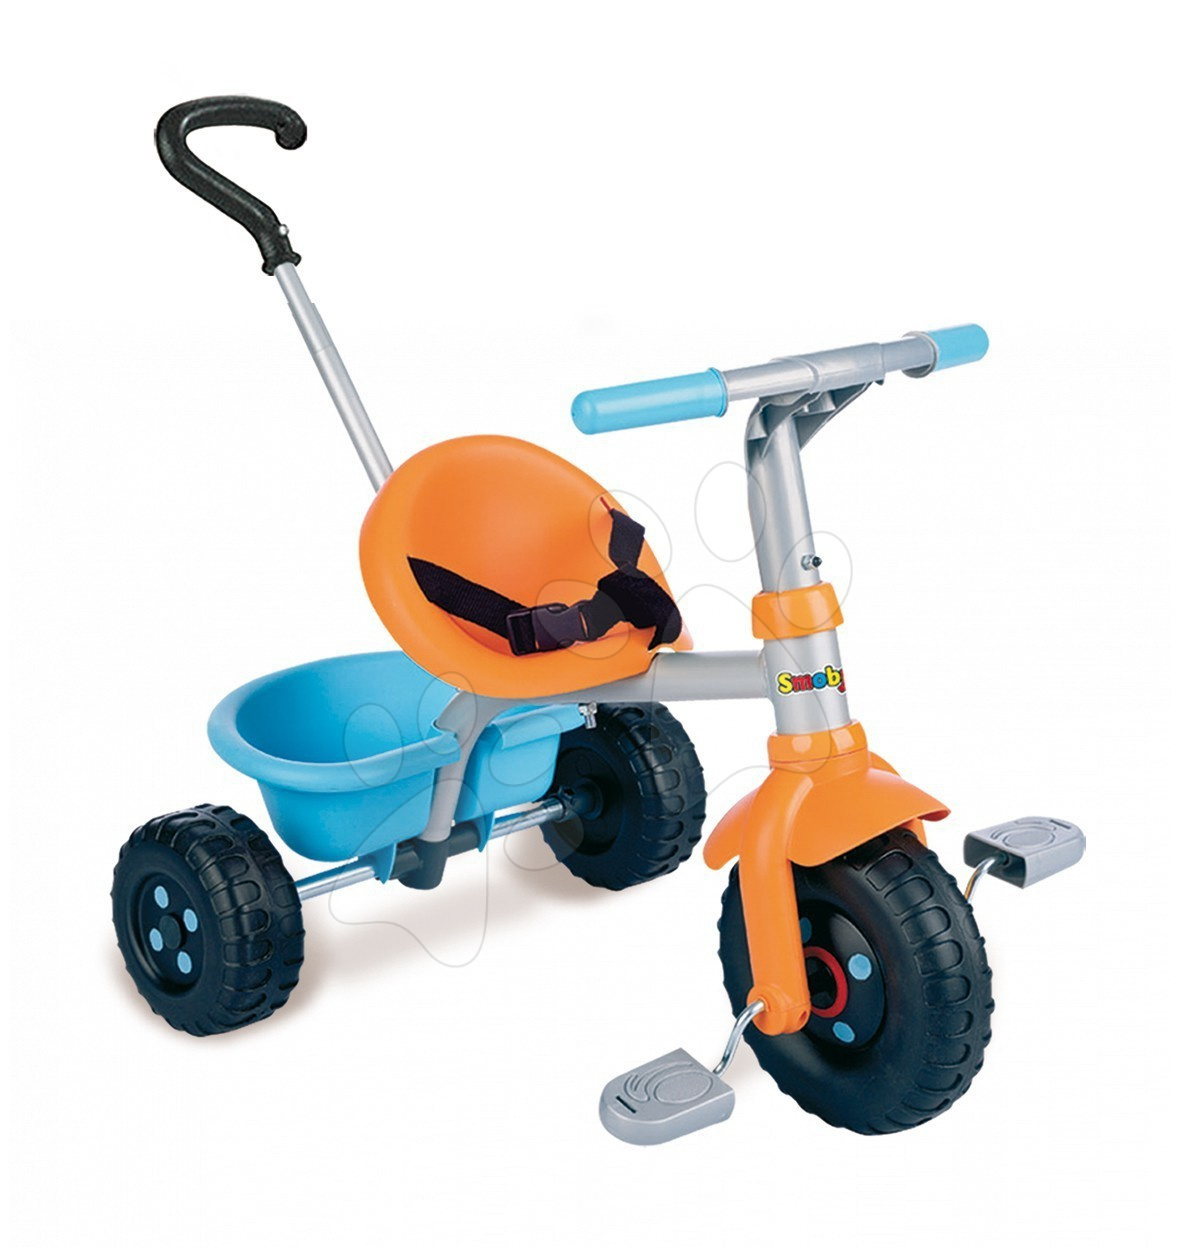 Smoby 444215 Tricikel Be Fun oranžovo-modrá s vodiacou tyčou 71*50*55 cm od 15 mes